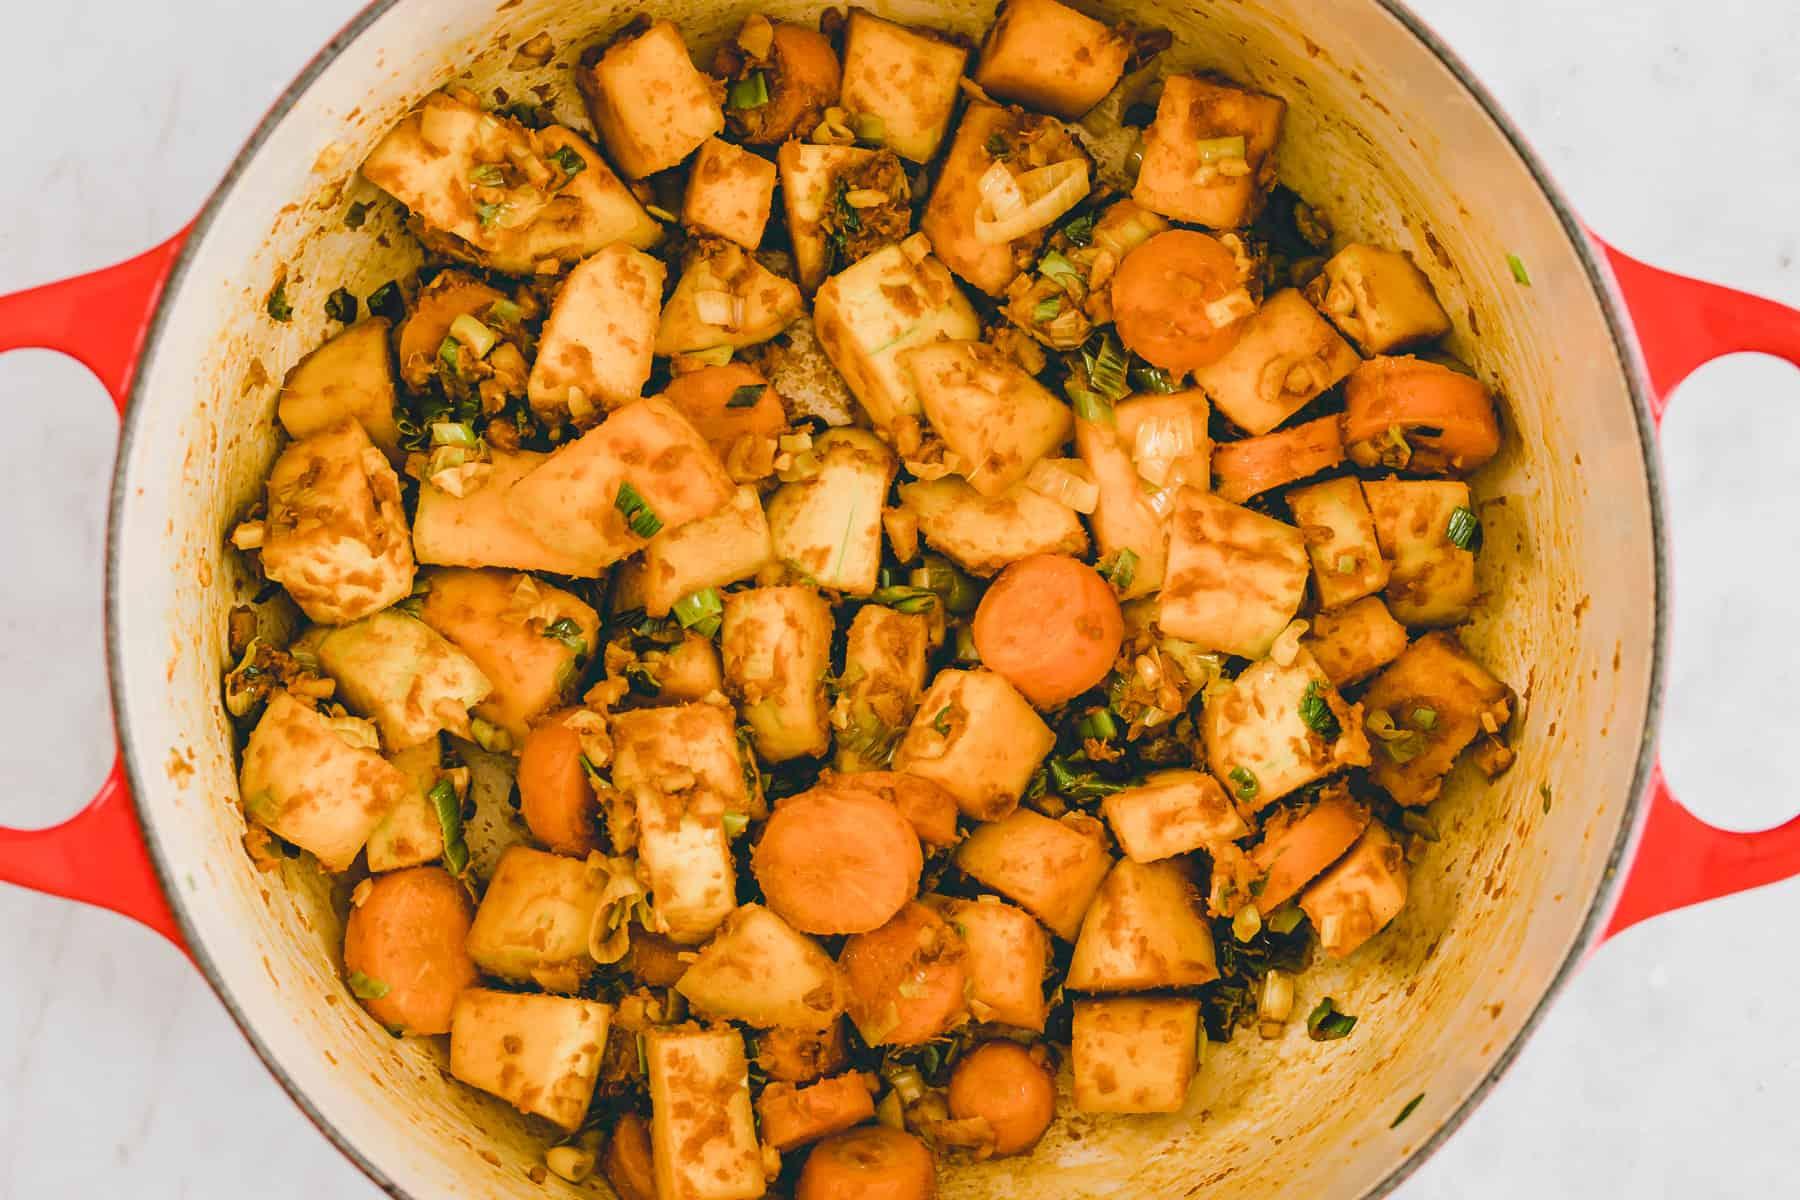 kürbis curry rezept schritt 1